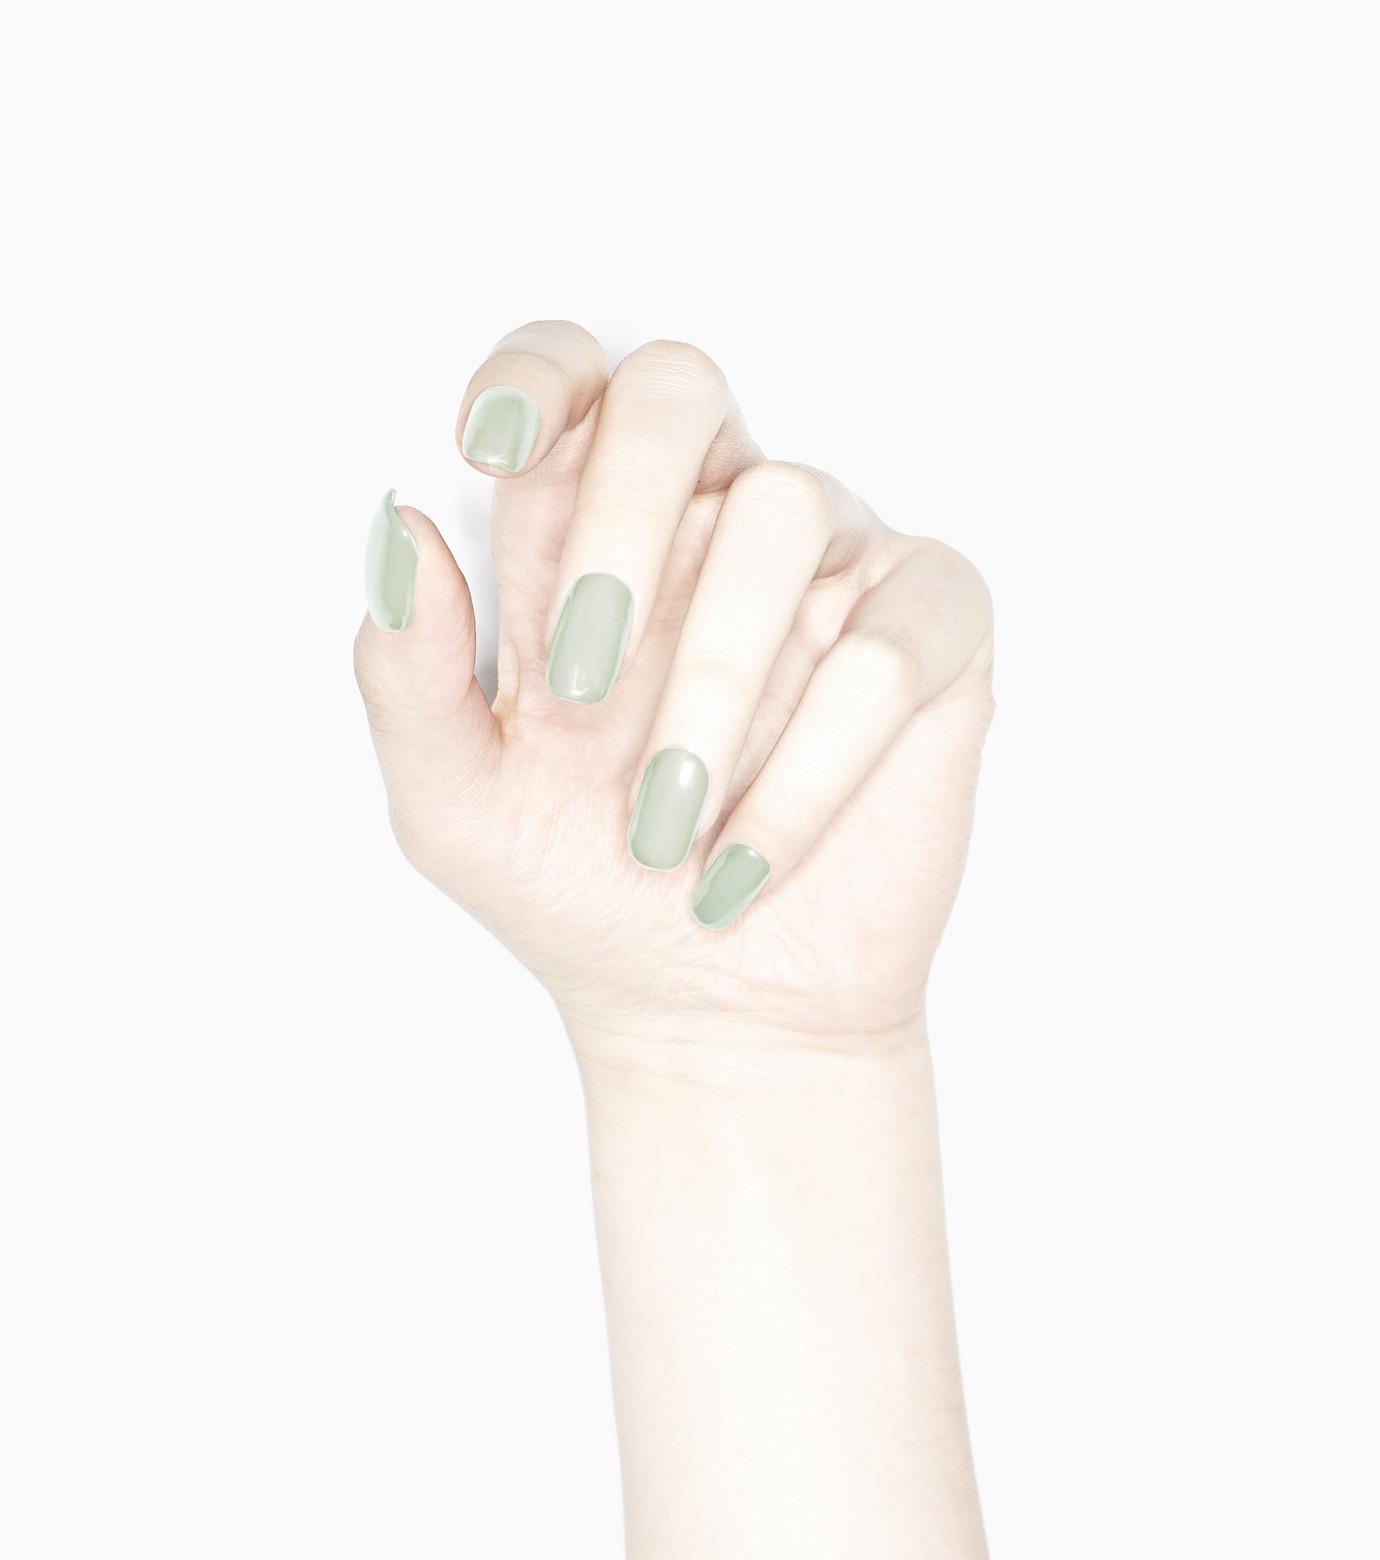 GRANJE(グランジェ)のKinnari-LIGHT GREEN(MAKE-UP/MAKE-UP)-O98-21 拡大詳細画像2